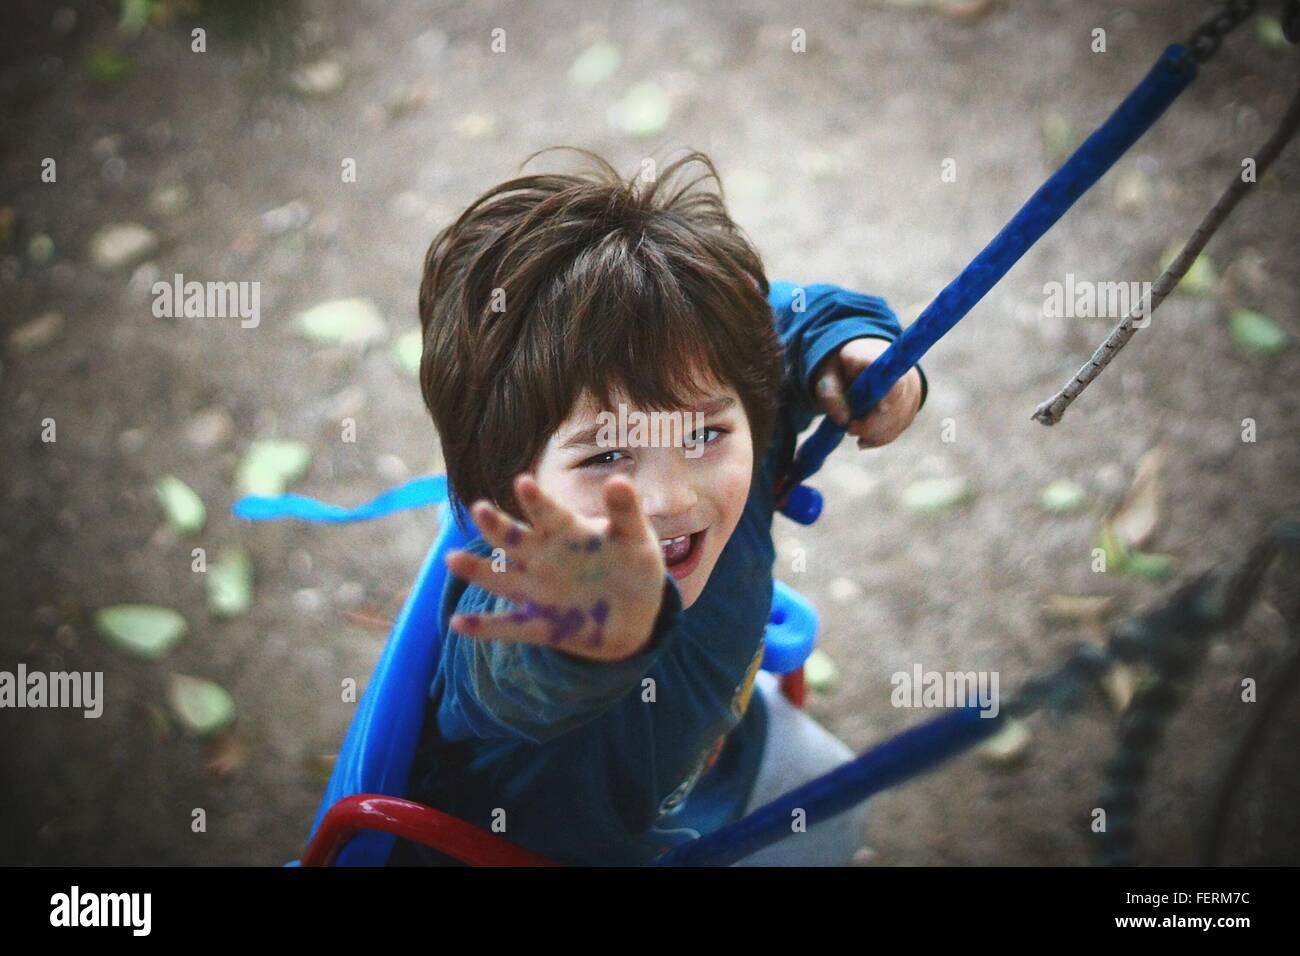 Ritratto di ragazzo godendo di Swing in posizione di parcheggio Immagini Stock